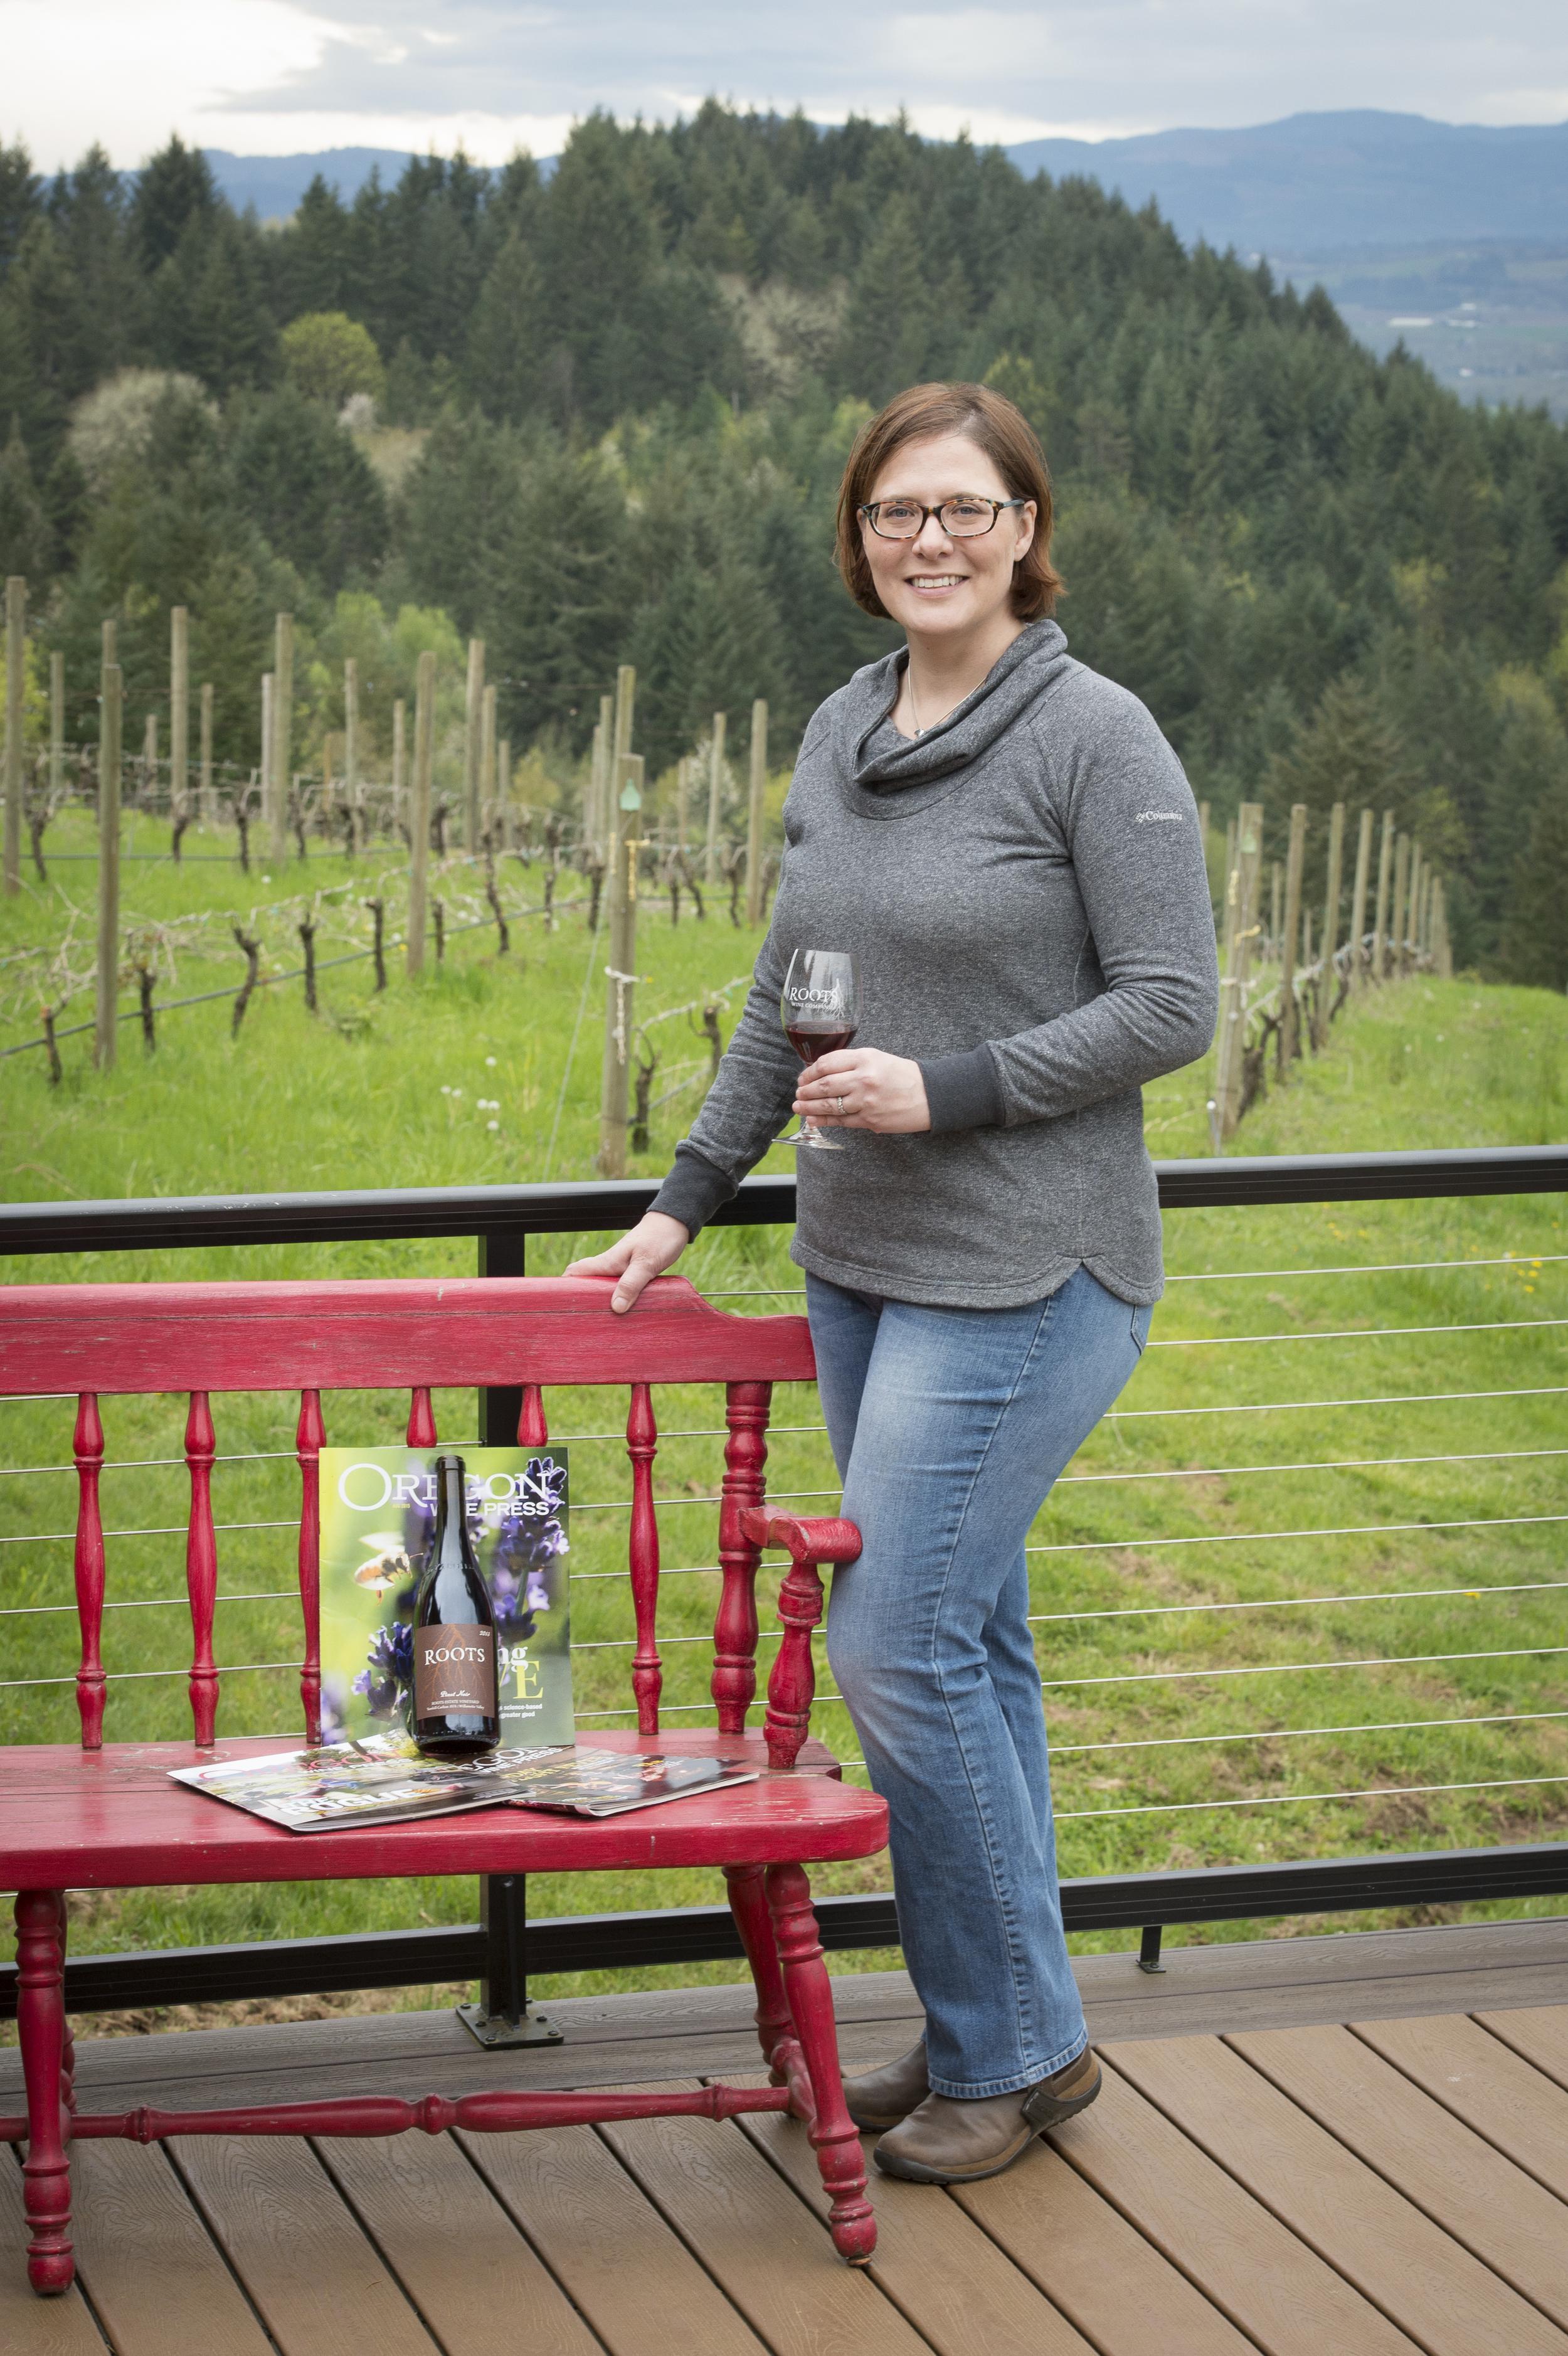 Roots Wine Company photos courtesy of Andrea Johnson